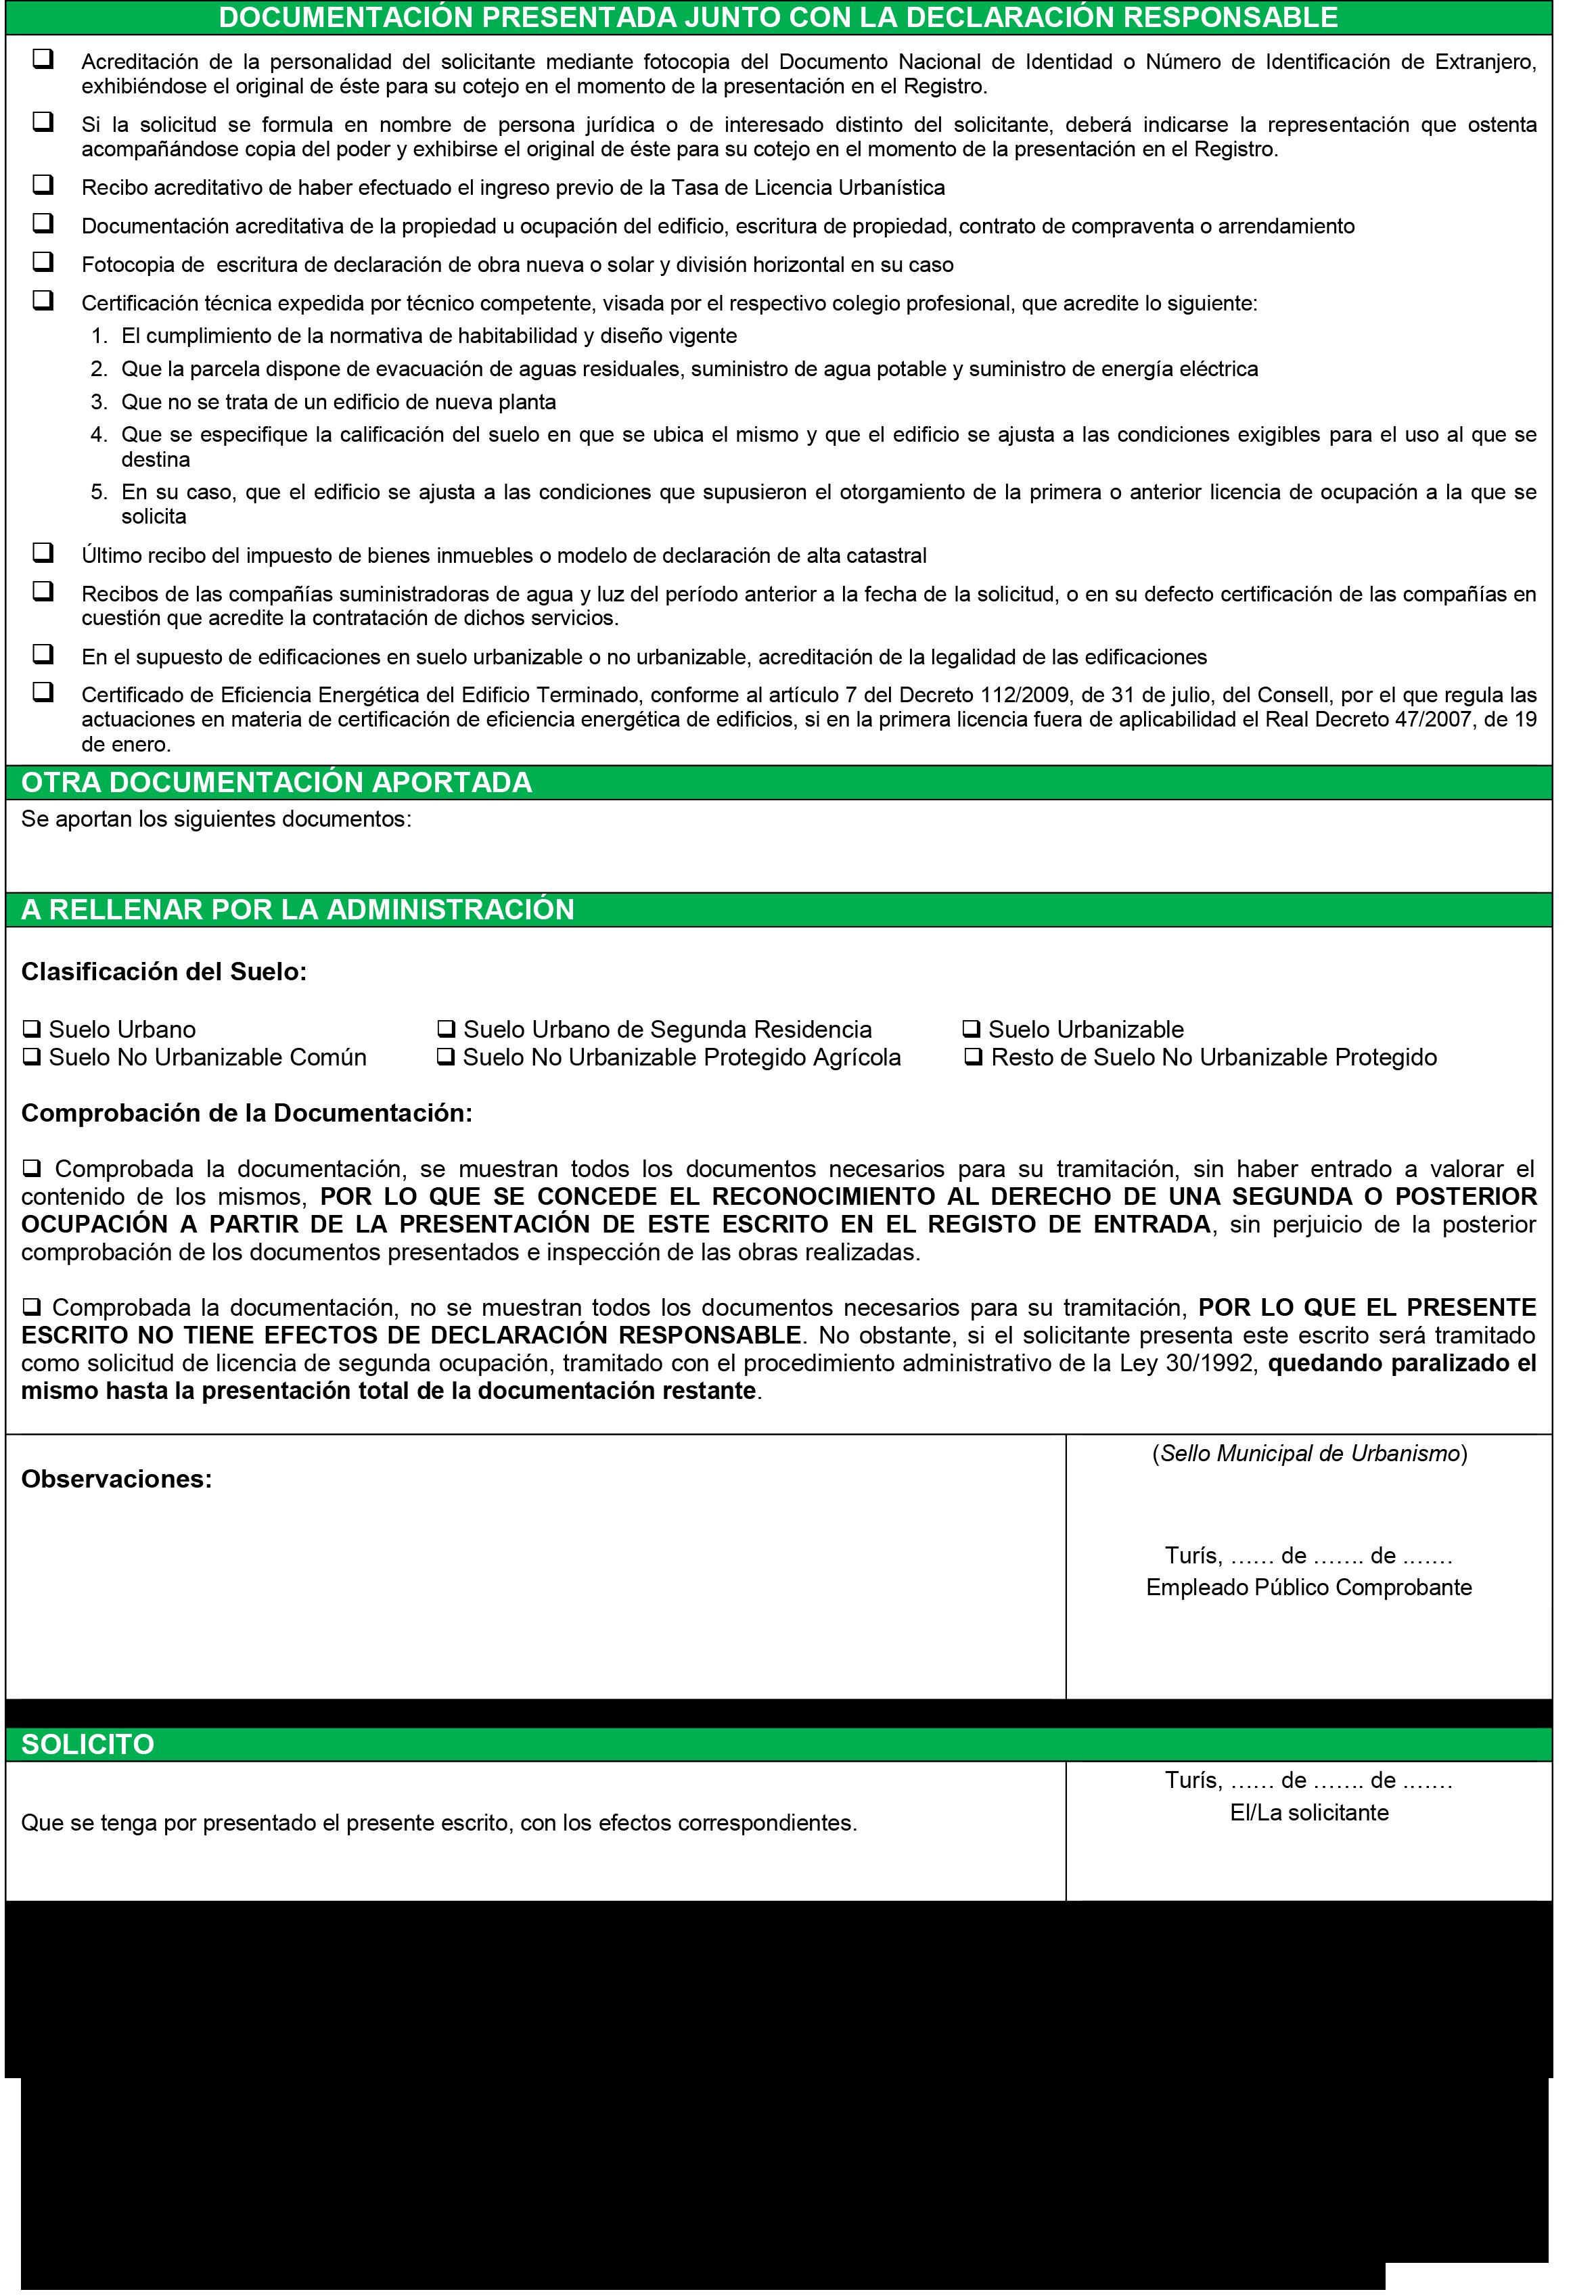 Impreso Declaración Responsable Segunda Ocupación - Turís-2